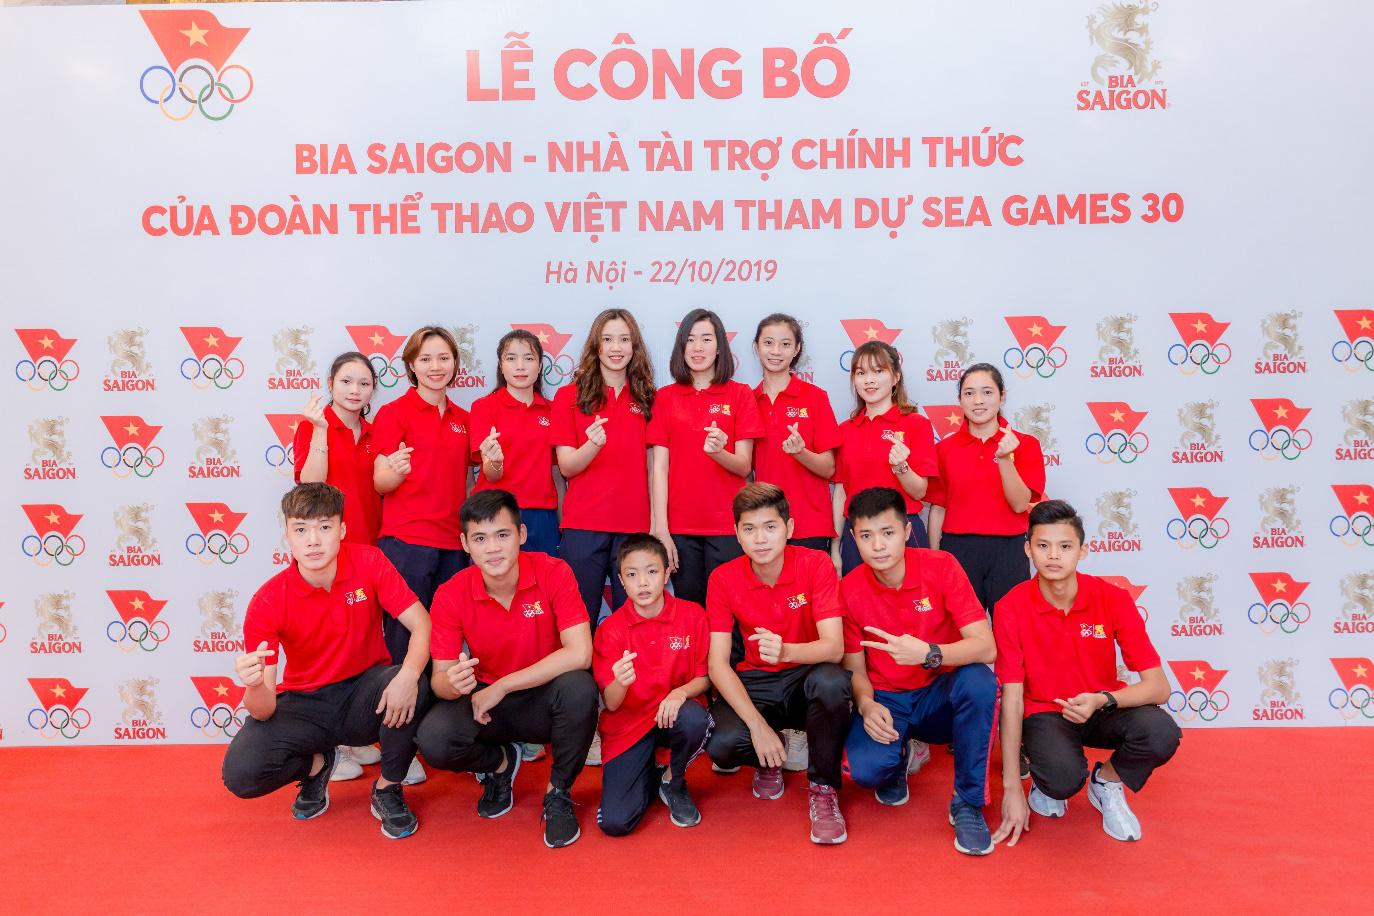 Đường tới SEA Games – Từ sân chơi thể thao khu vực đến kỳ vọng về một thế hệ trẻ Việt Nam đang lên, vươn tầm ra thế giới - Ảnh 1.